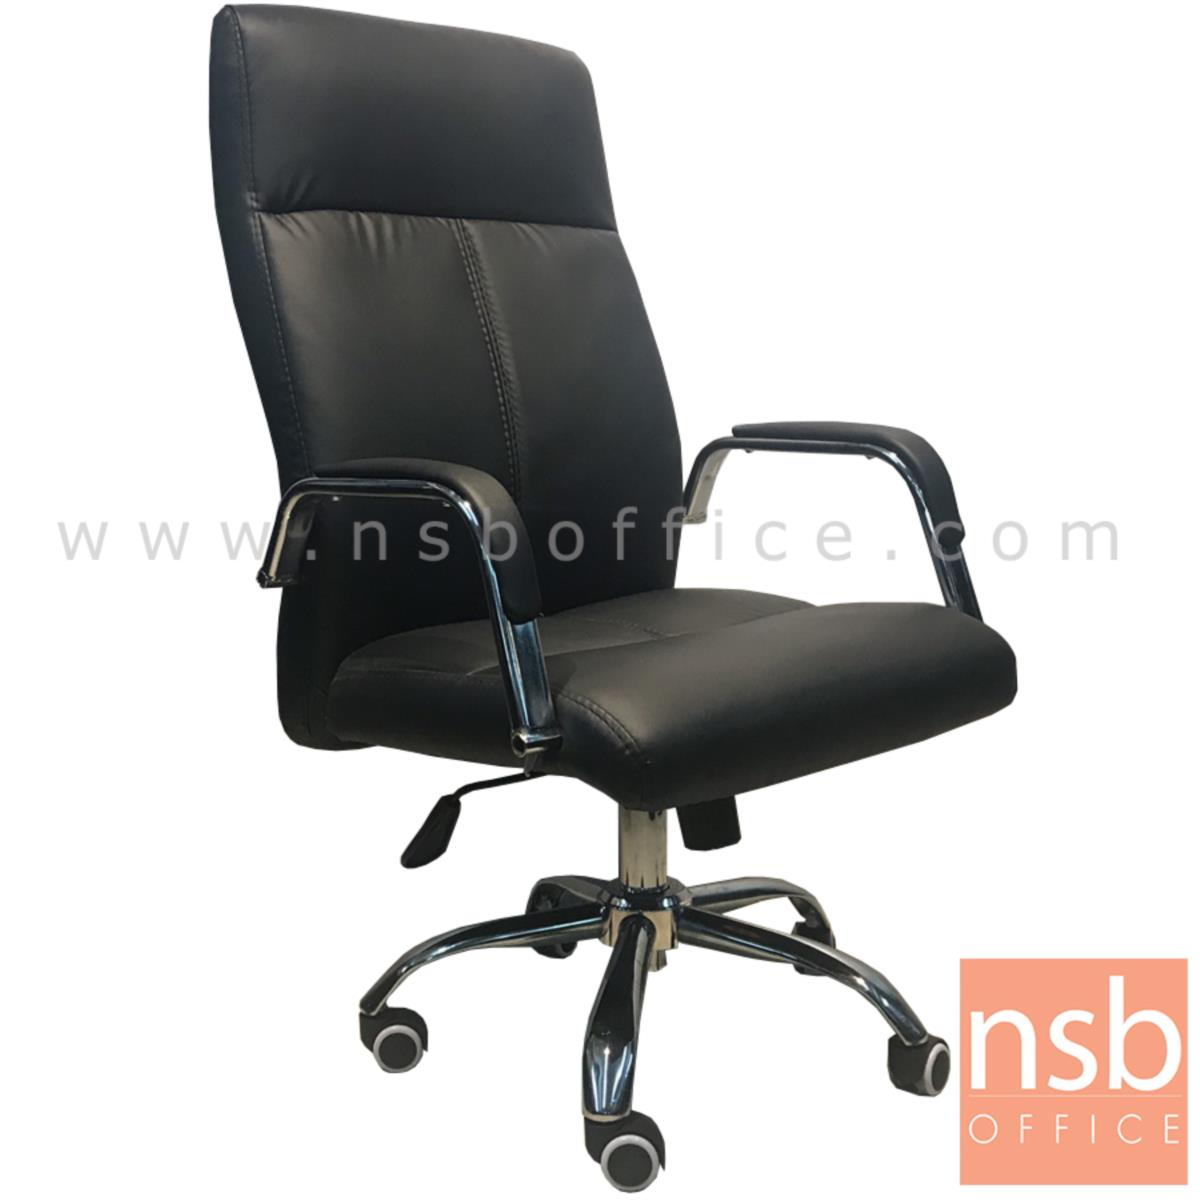 B01A488:เก้าอี้ผู้บริหาร รุ่น Swank (สแวงก์)  มีก้อนโยก ขาเหล็กชุบโครเมี่ยม